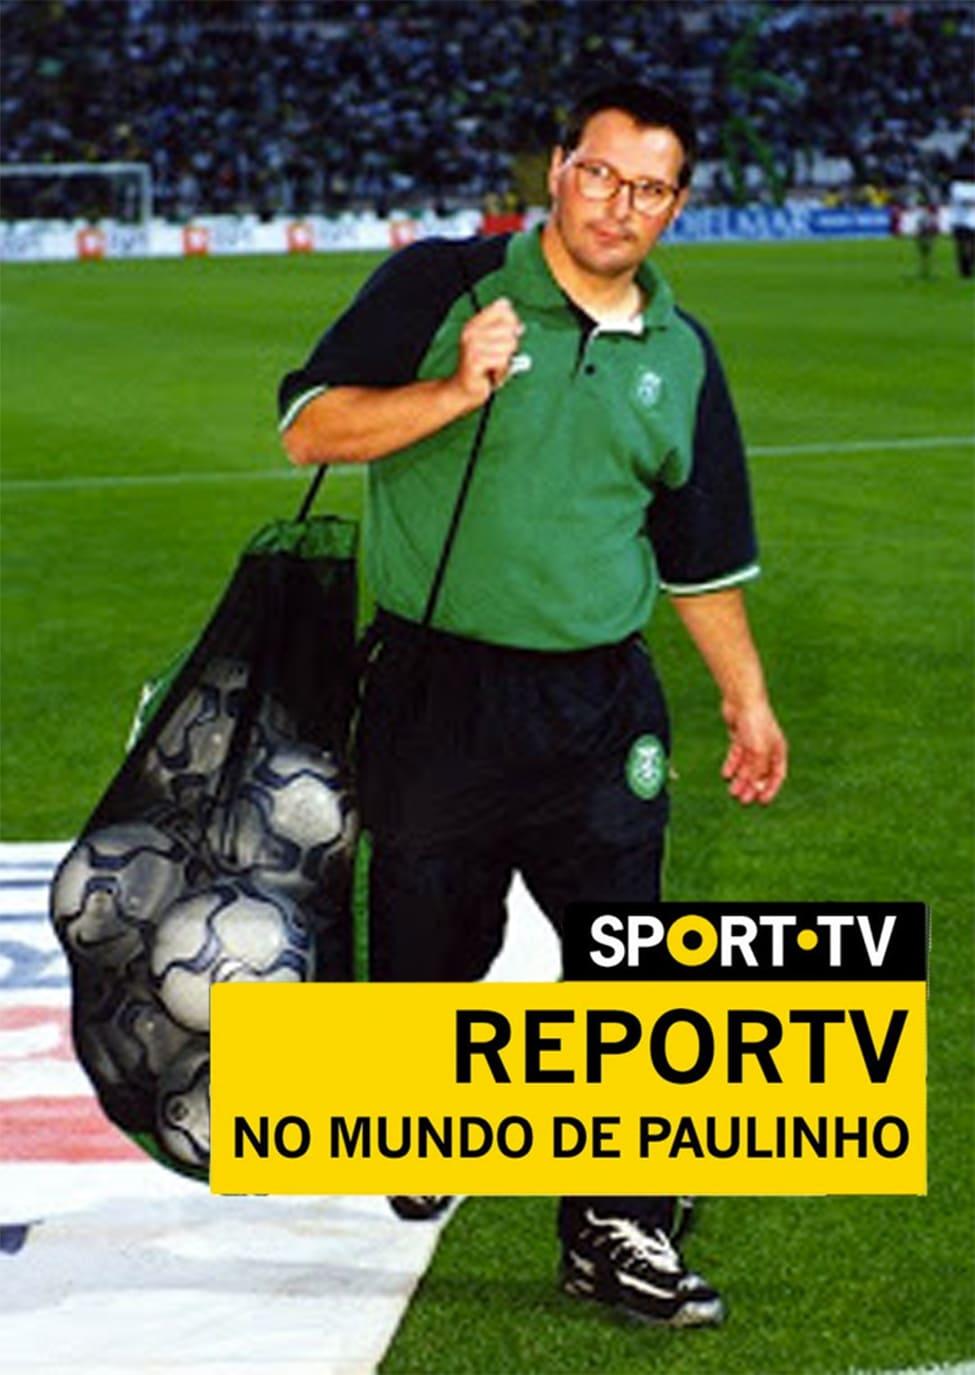 No mundo de Paulinho